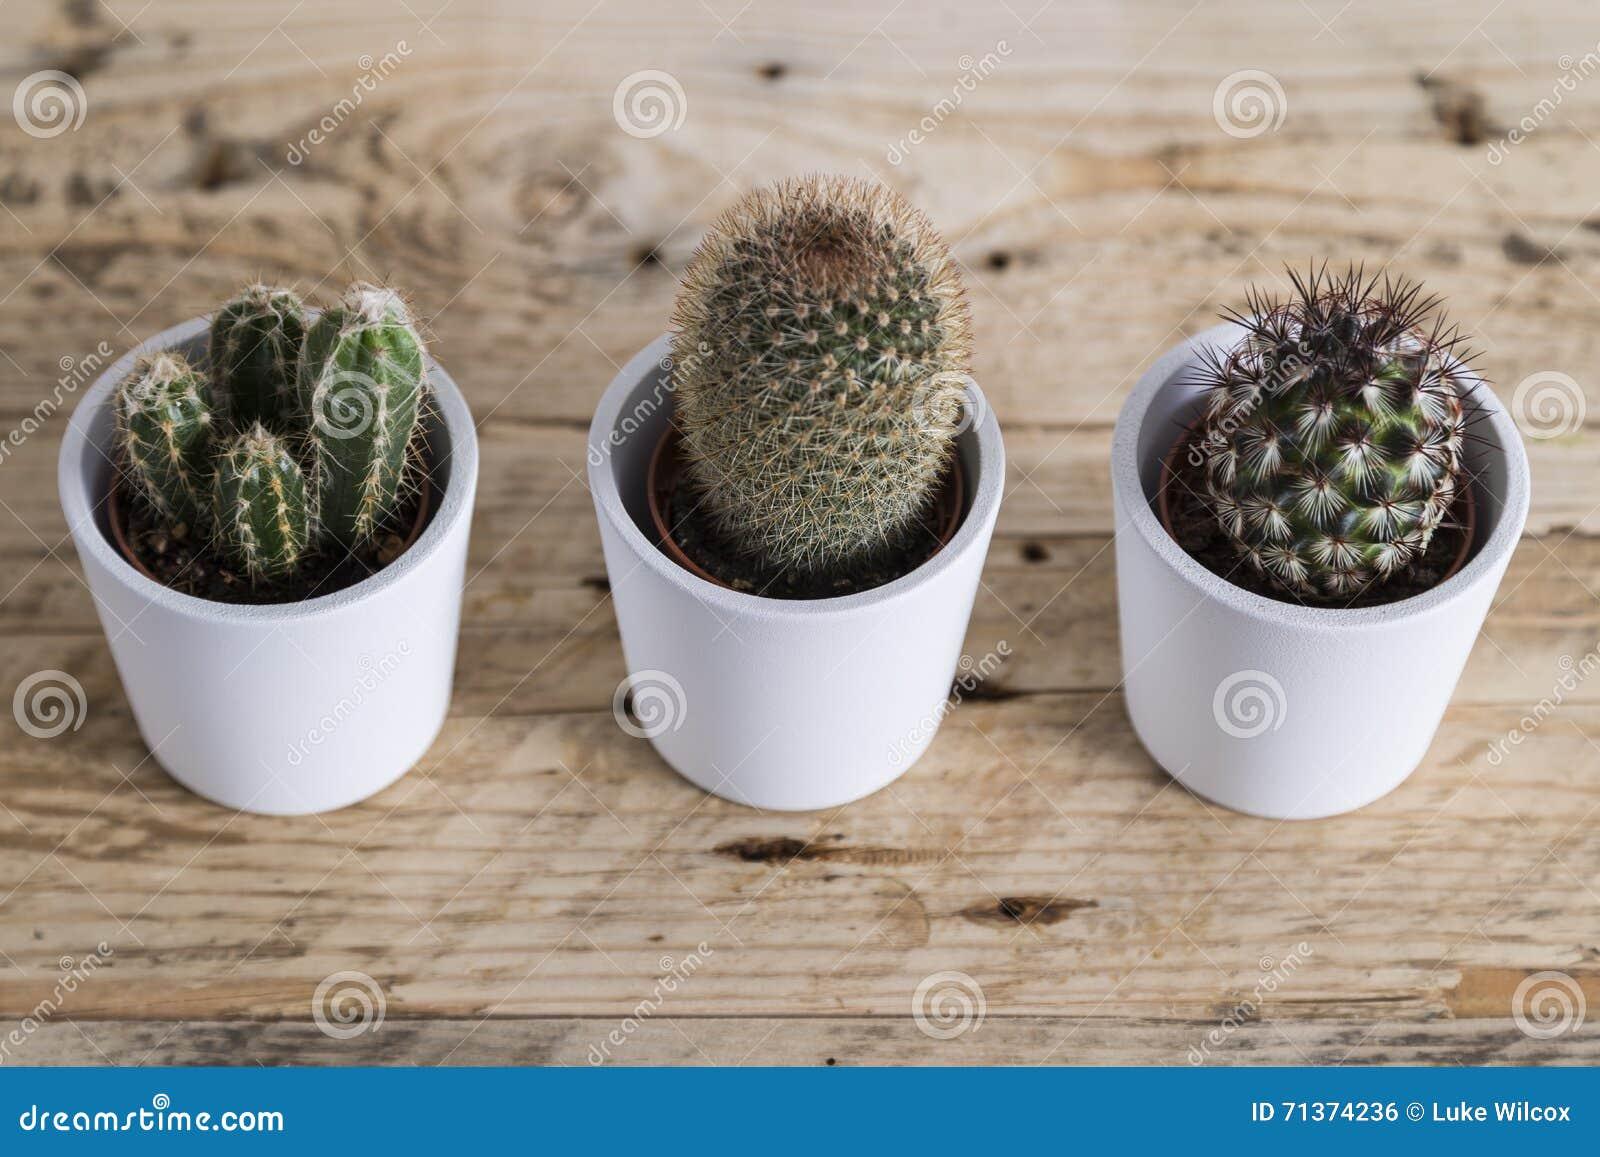 仙人掌植物三重奏